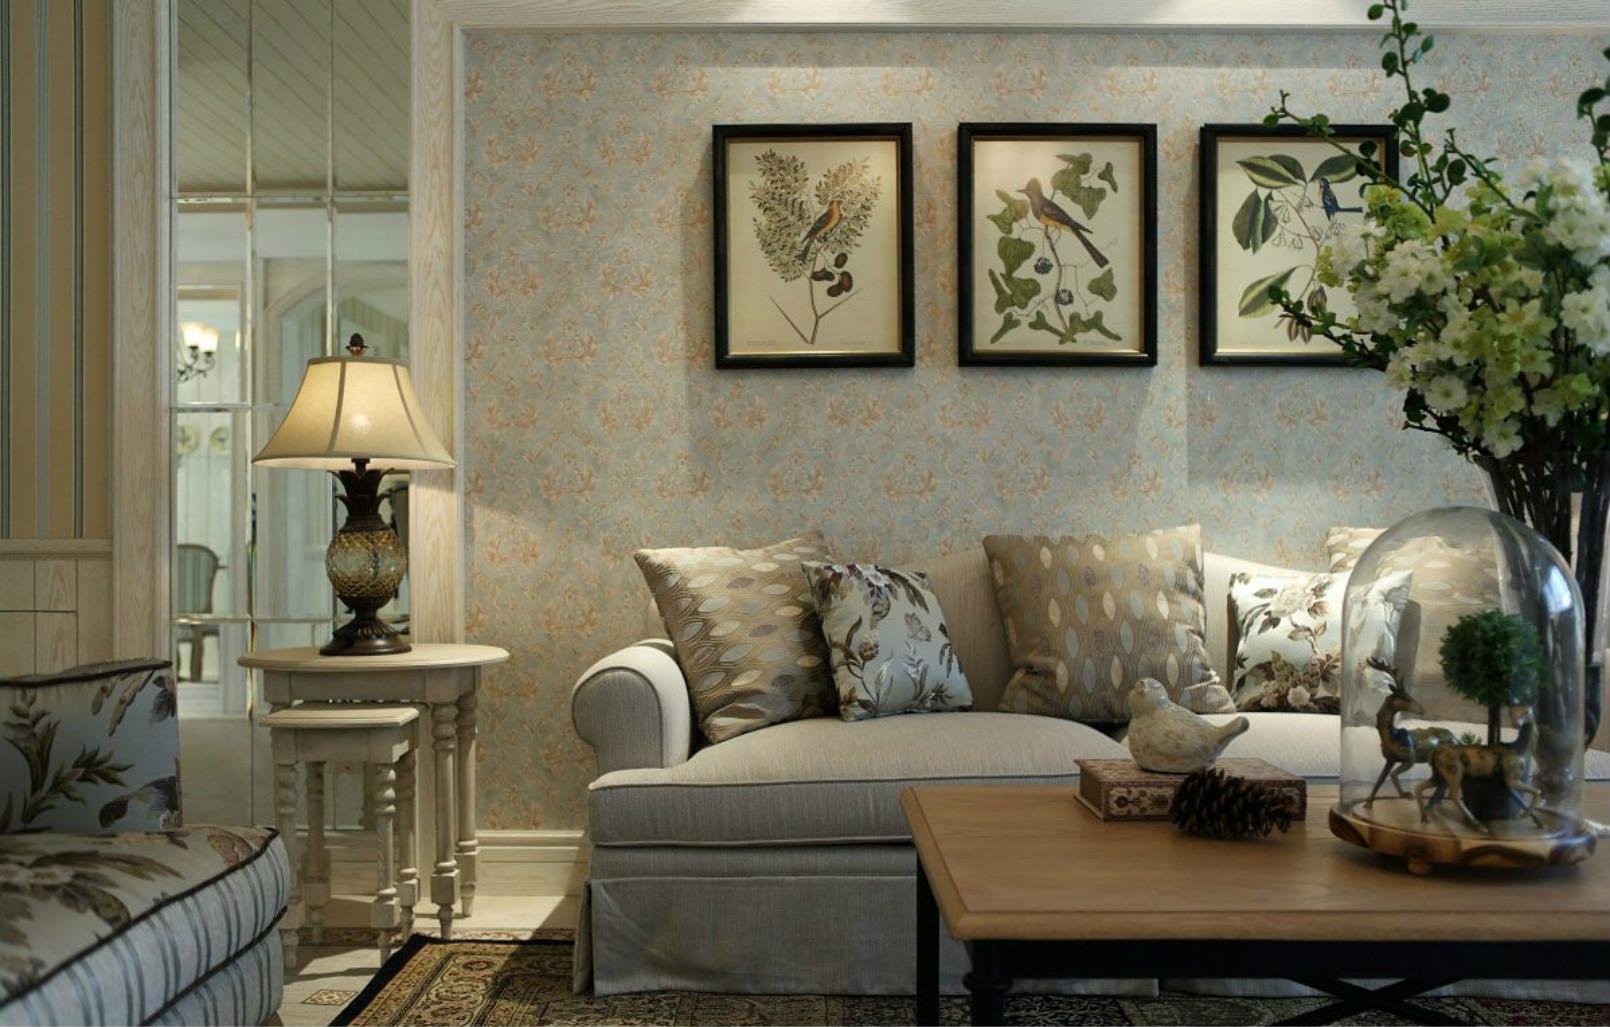 吊灯设计感强烈,与沙发背景墙的挂画装饰一起让这空间更有个性,更加现代。